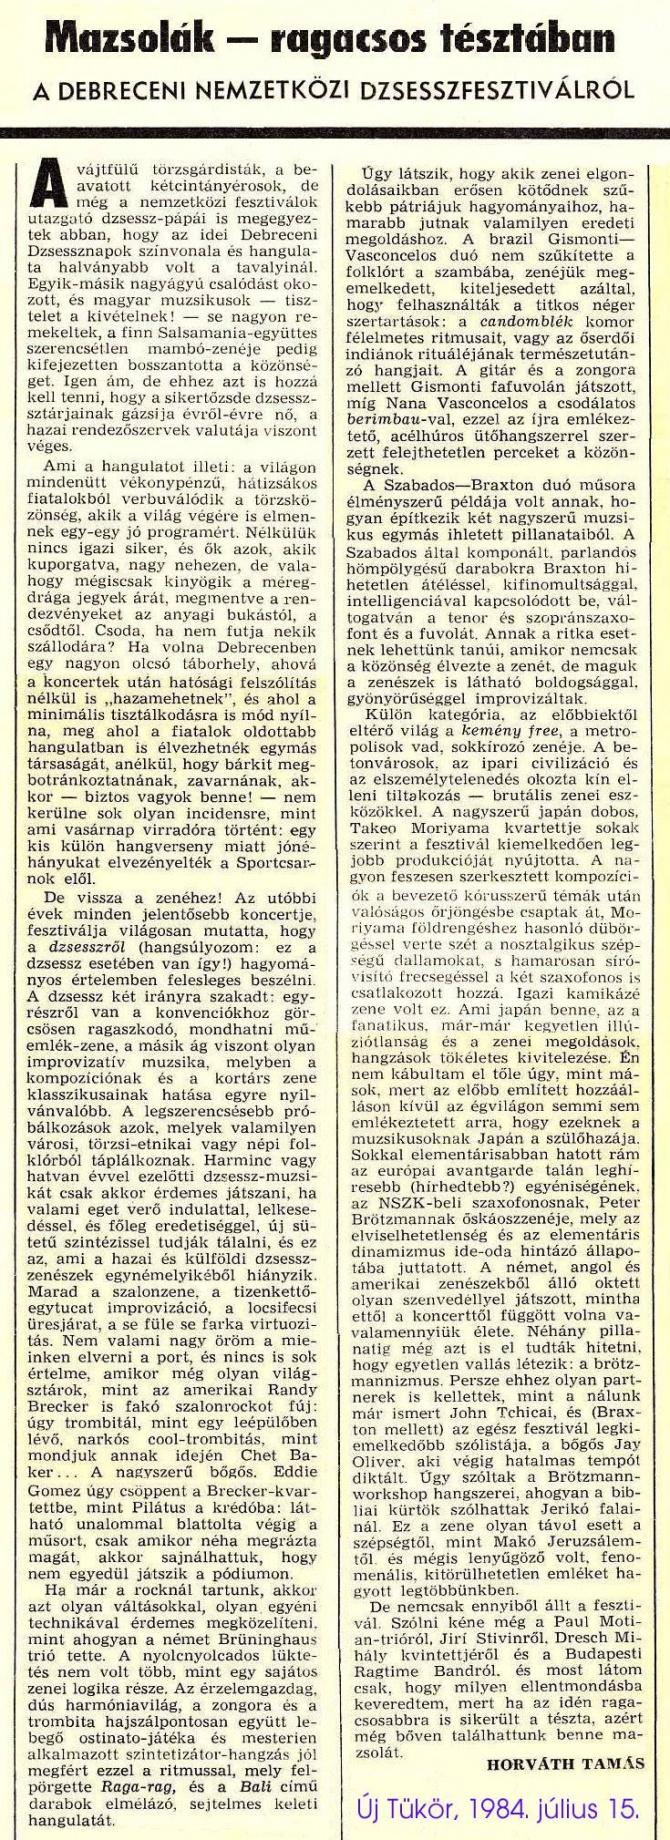 cikk-ujtukor-84.jpg